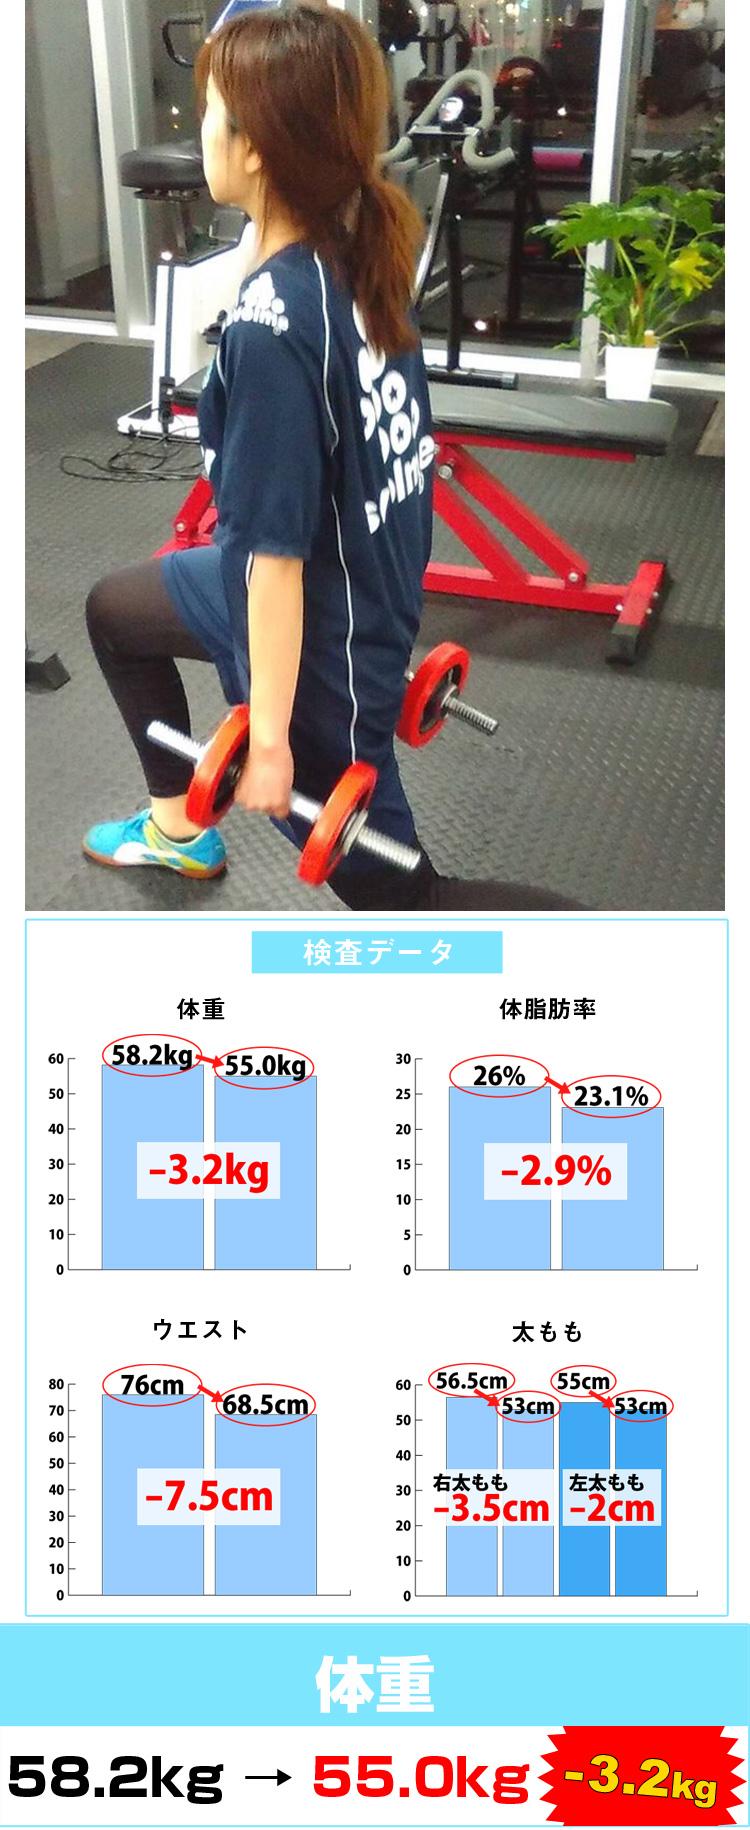 石田様は3ヶ月で体重はマイナス3.2kgのダイエットに成功。血液検査のデータも改善しております。